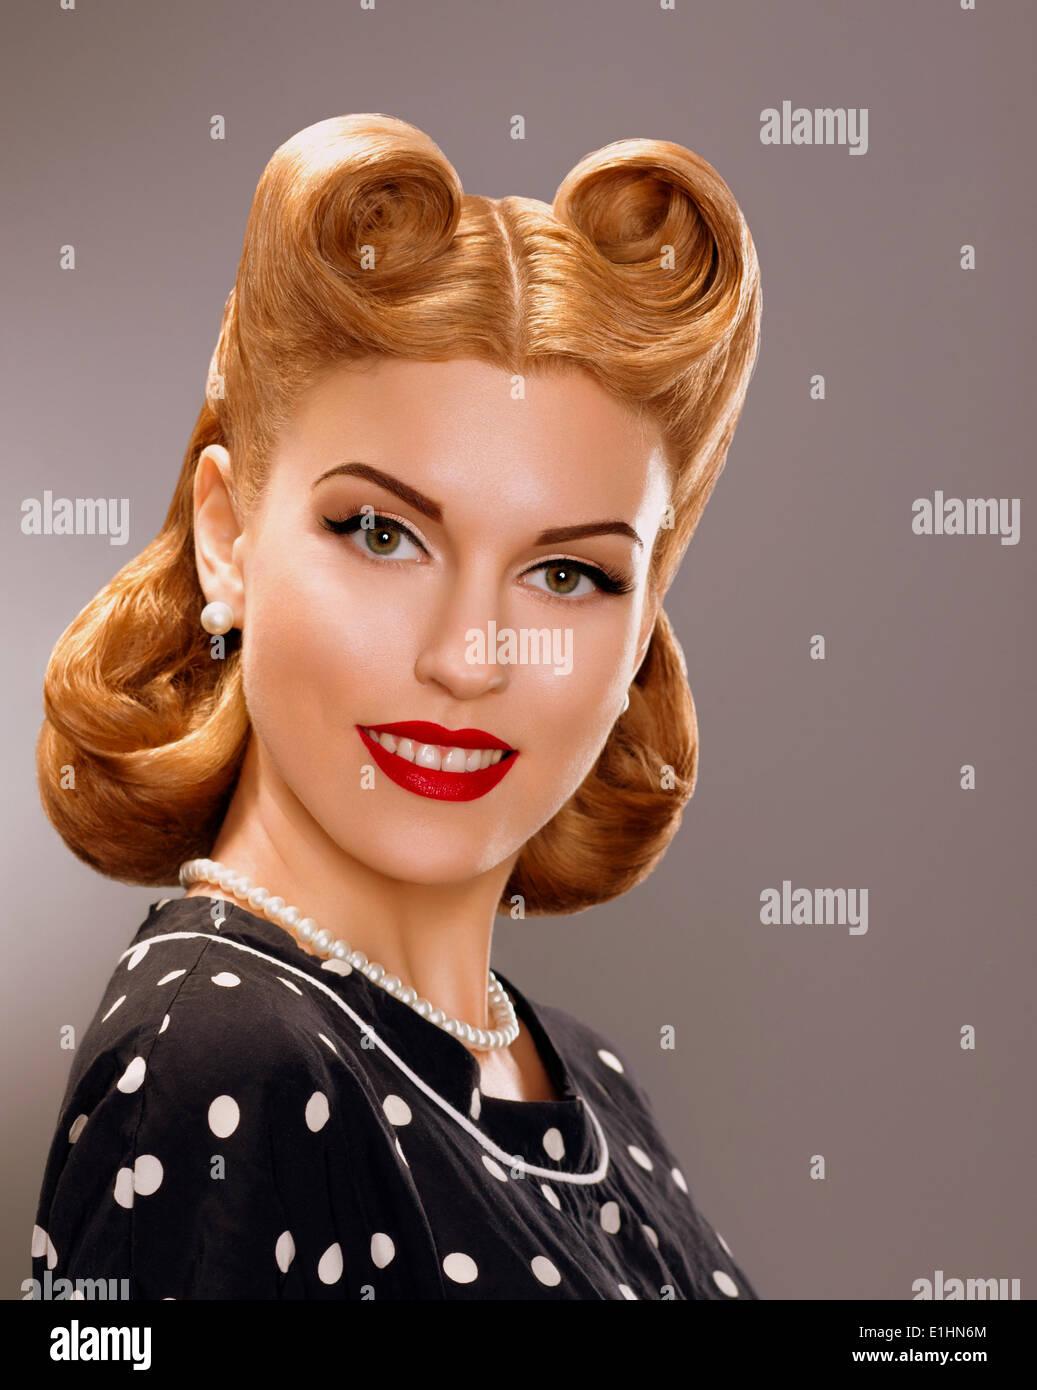 La nostalgia. Stile Donna sorridente con retro Golden capelli stile. Nobiltà Immagini Stock